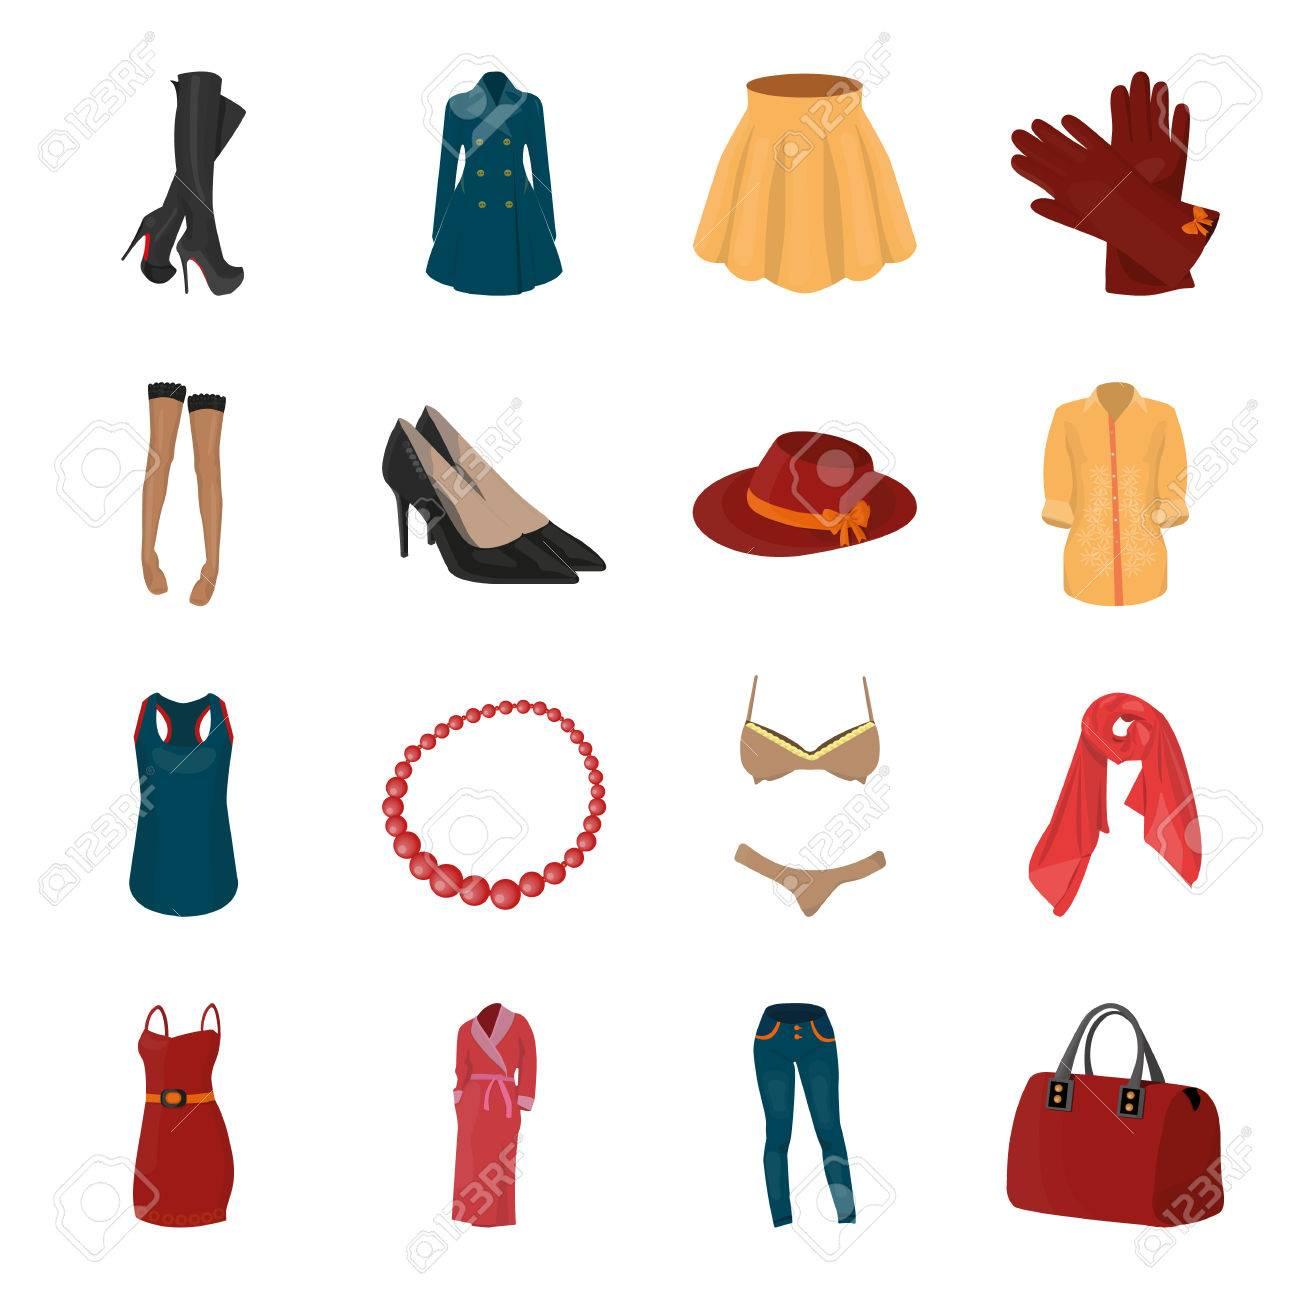 Vestido Sujetador Zapatos Ropa Para Mujer Conjunto De Ropa De Mujer Iconos De Colección En Estilo De Dibujos Animados Símbolo De Vector Stock Photography Web Ilustraciones Vectoriales Clip Art Vectorizado Libre De